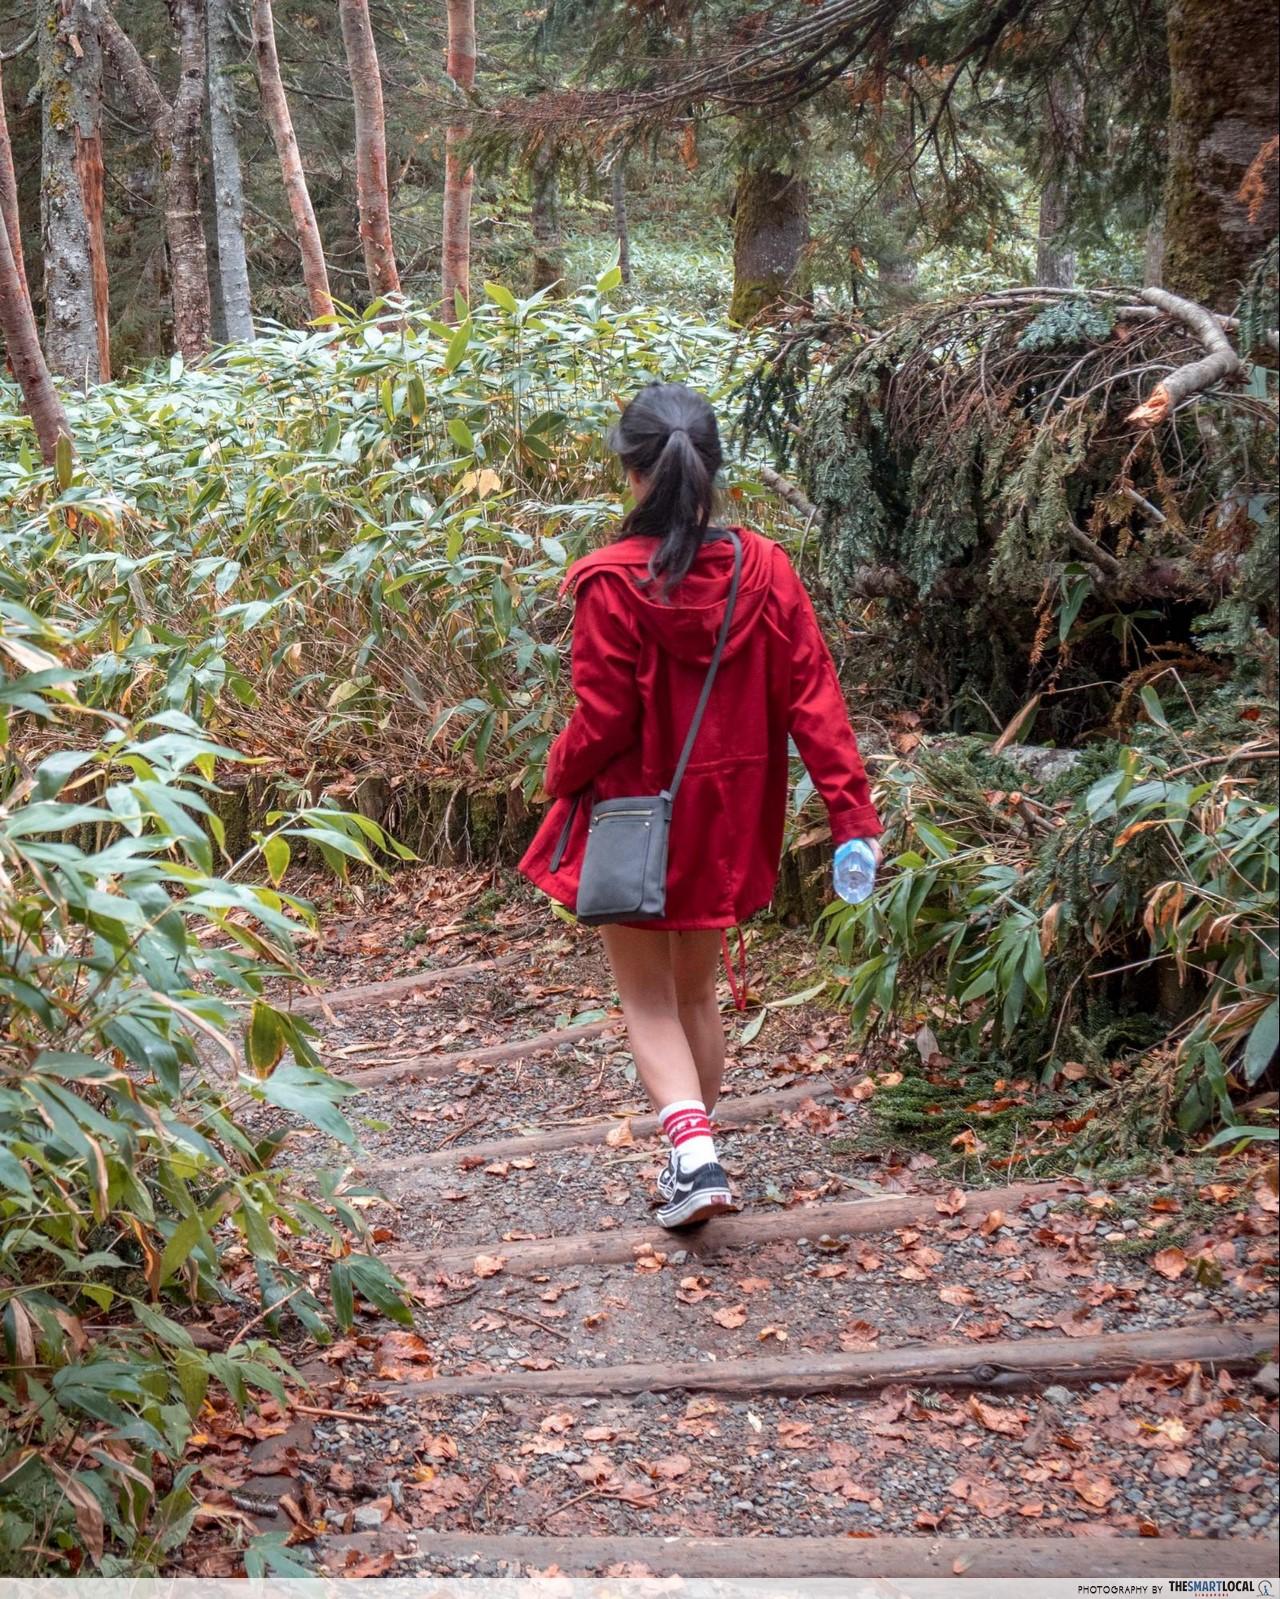 shin-hotaka forest path